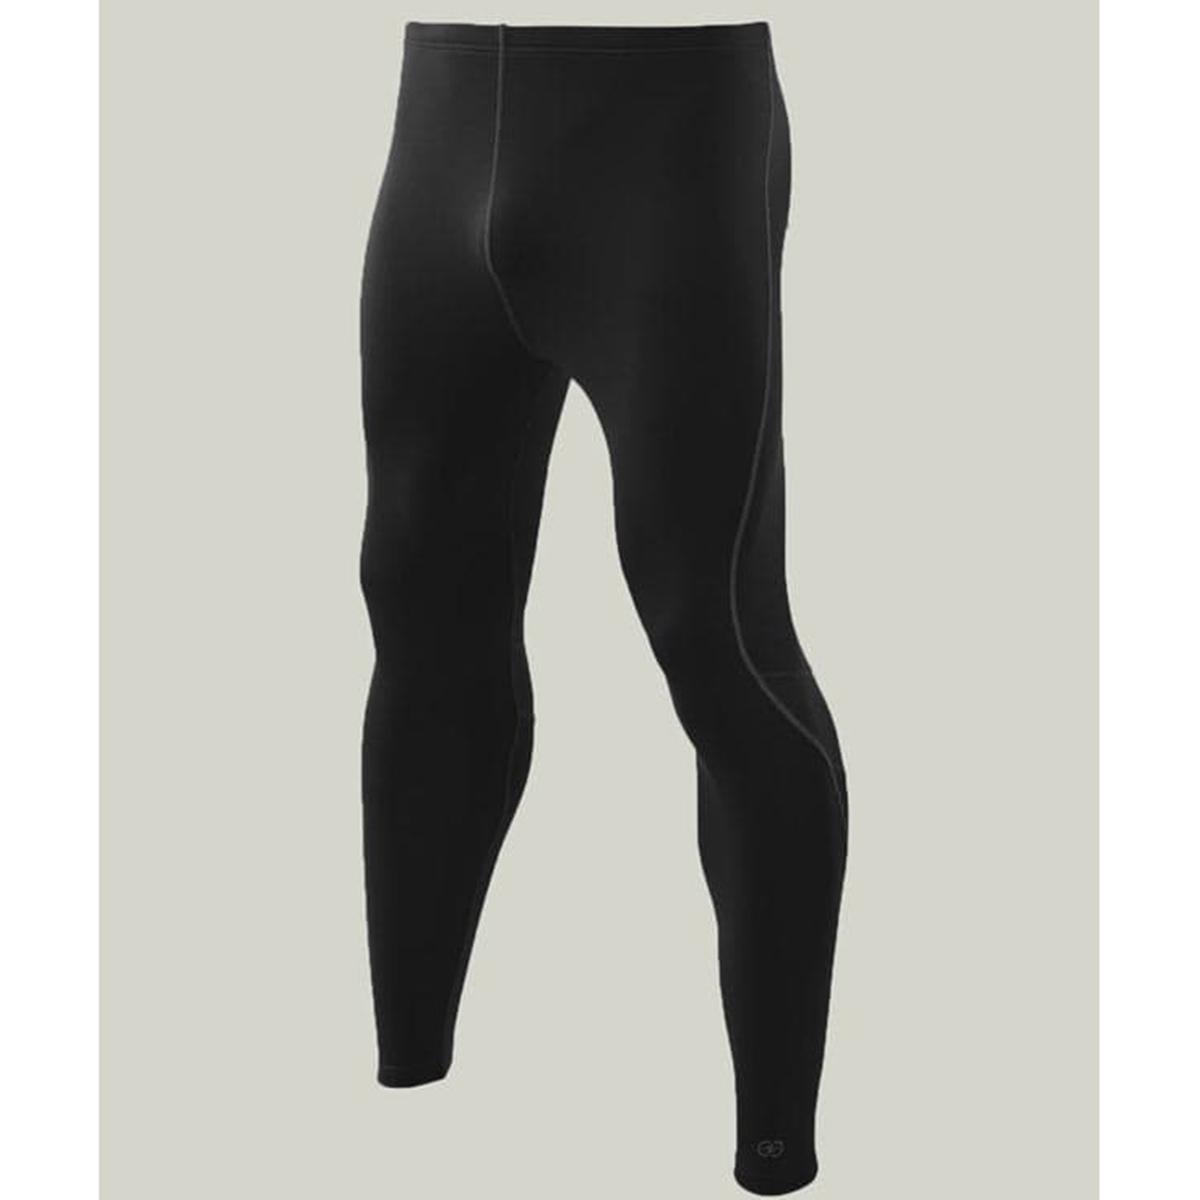 Кальсоны La Redoute Thermolactyl Easy Body XL черный